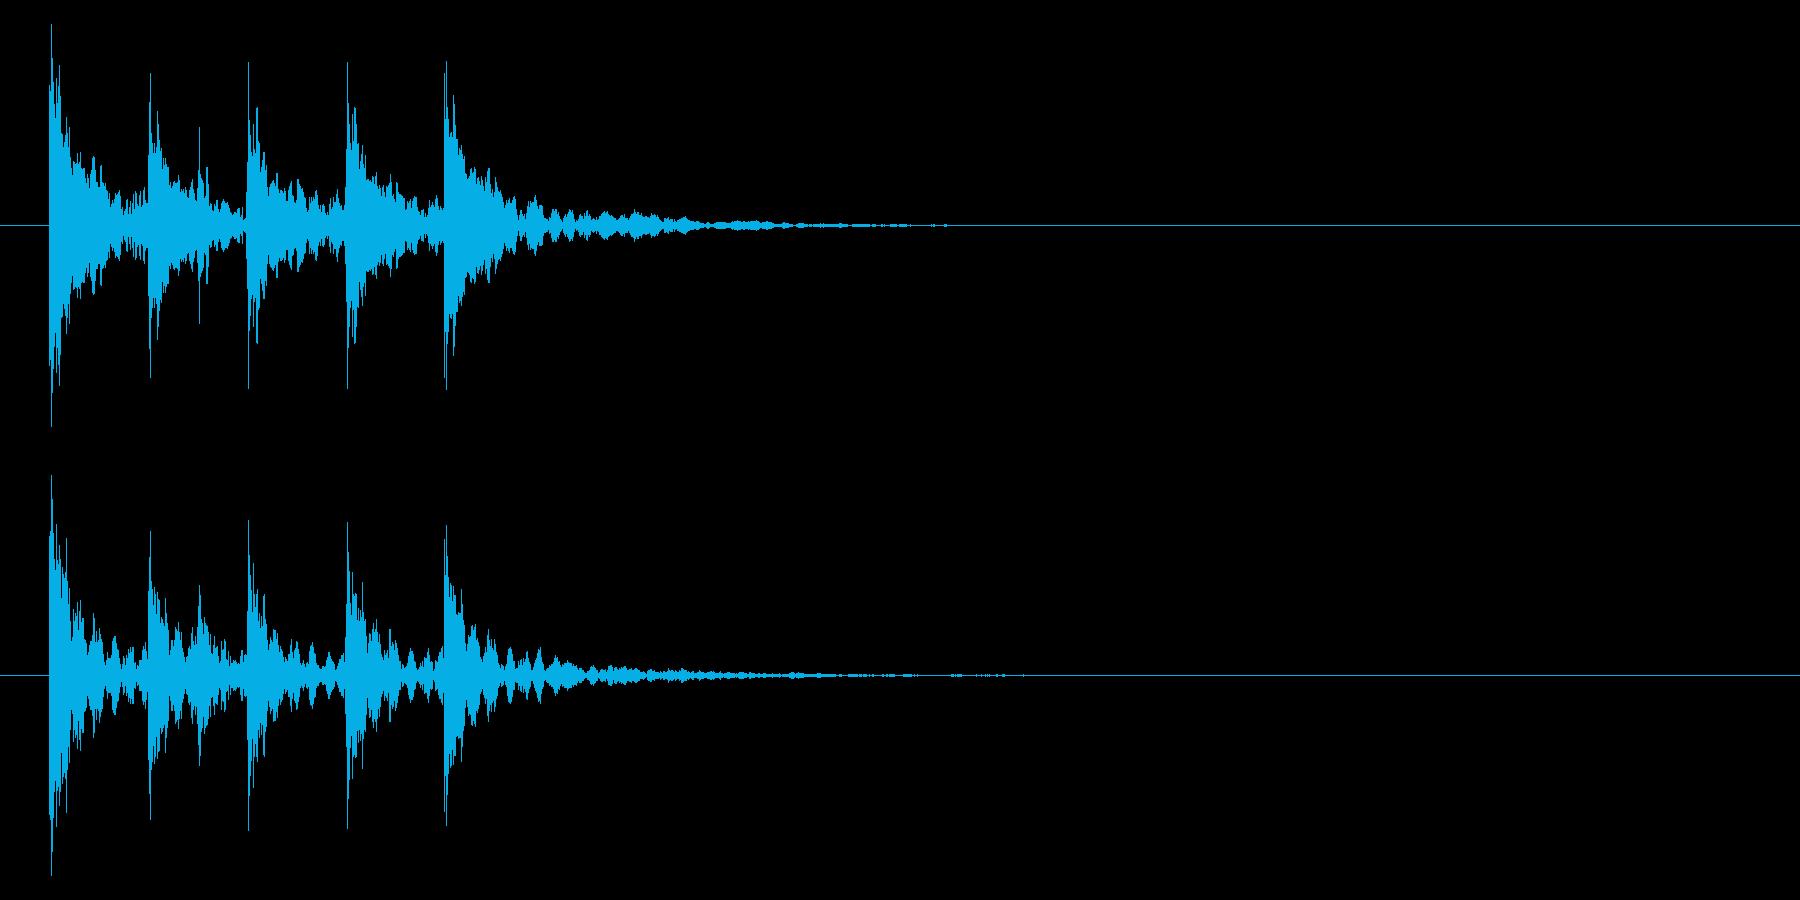 トントコトントントン!締め太鼓2リバーブの再生済みの波形